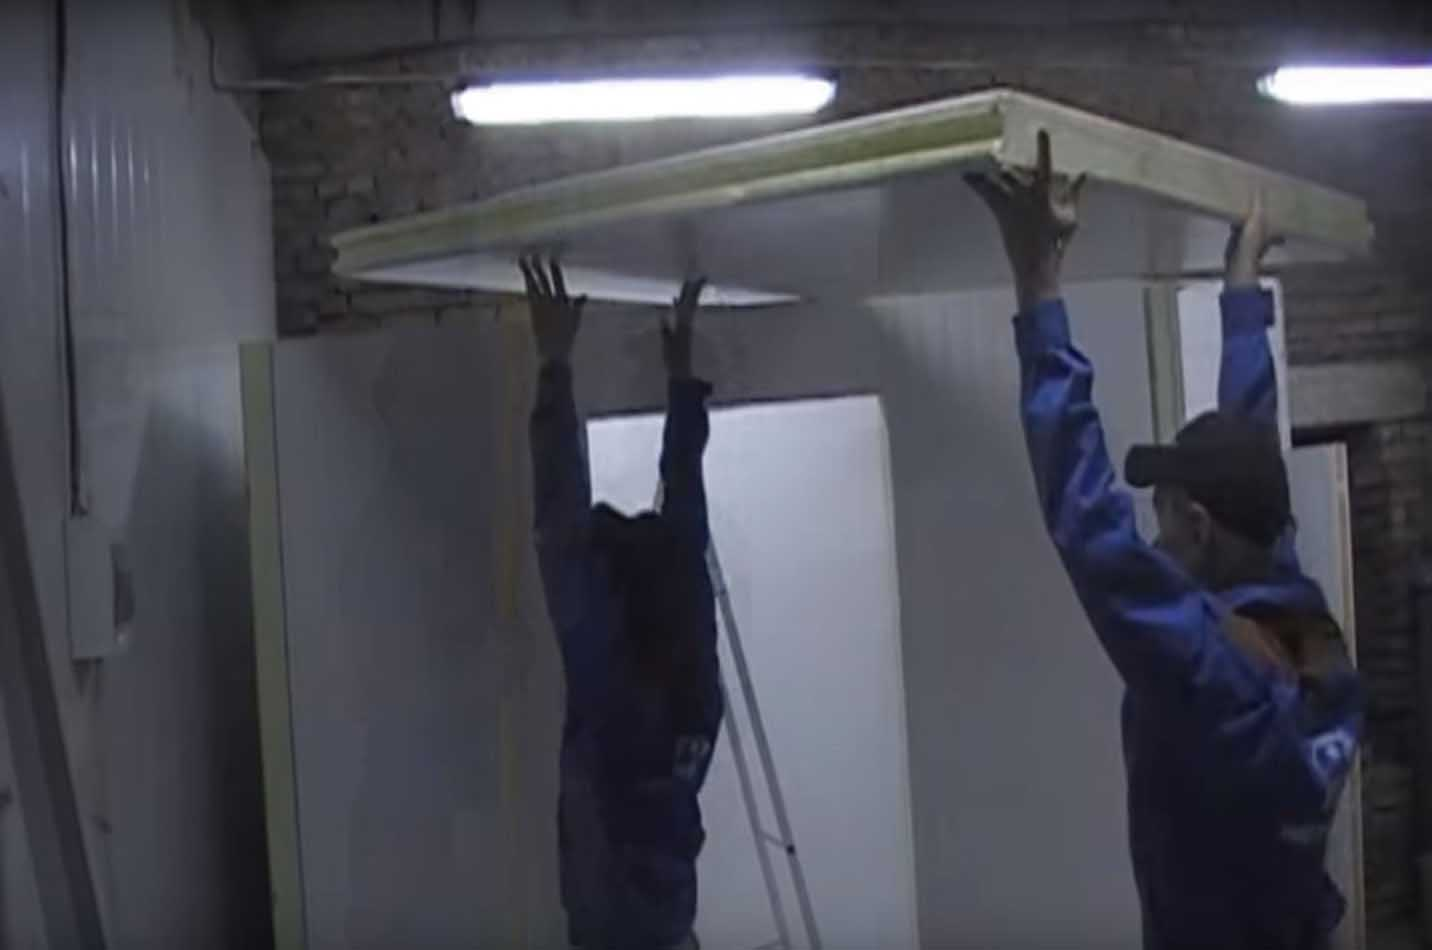 Подъем панелей потолка холодильной камеры.